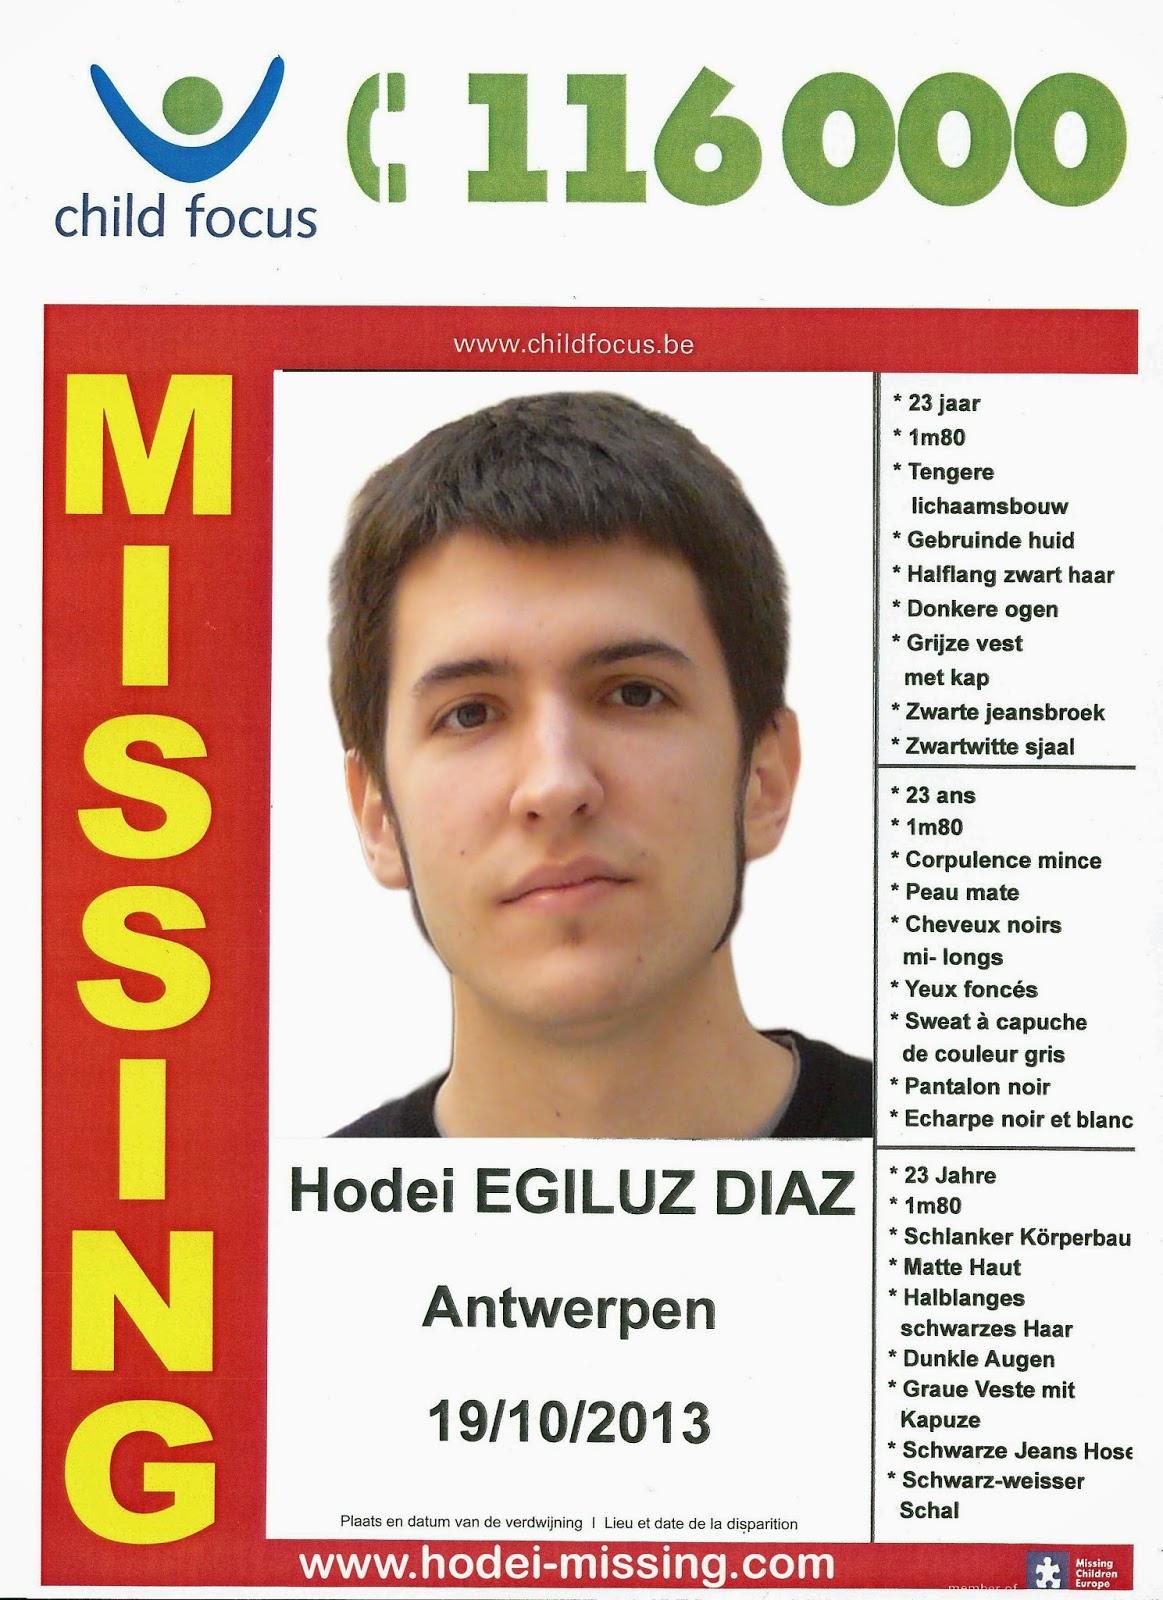 Investigar con plena dedicación, localizar y devolvernos a casa a nuestro hijo Hodei Egiluz.